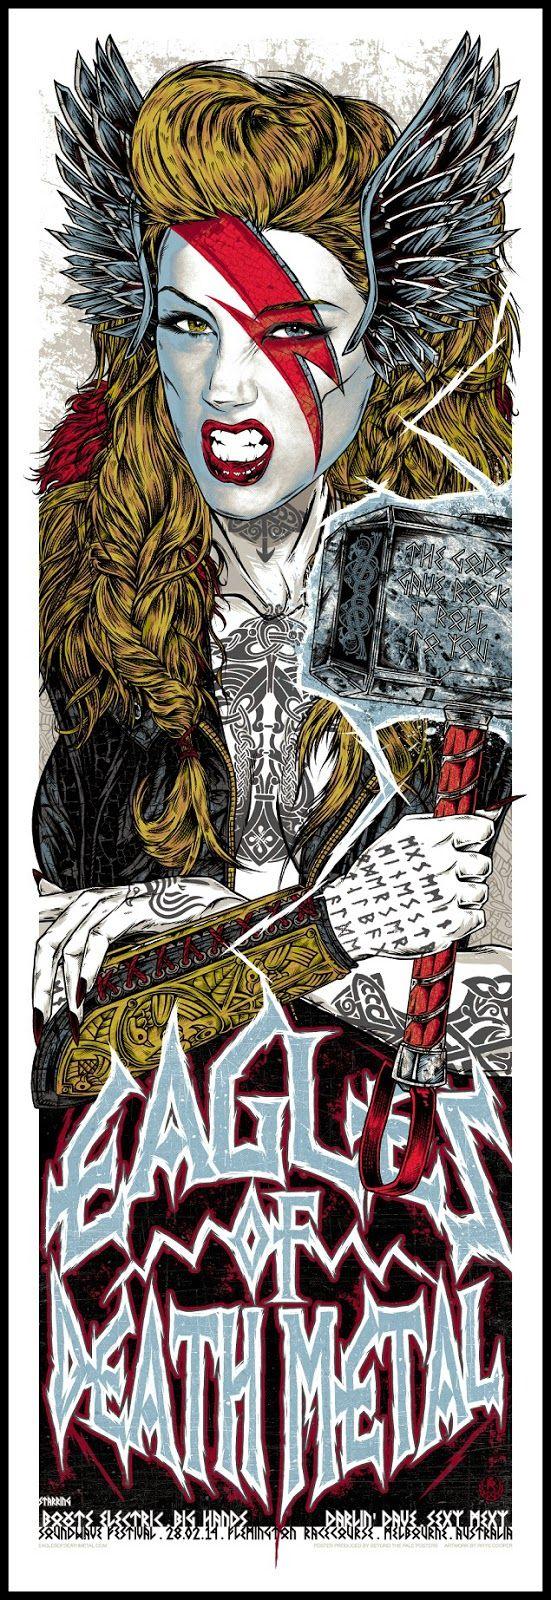 Rhys Cooper Pearl Jam & Eddie Vedder Poster Release Detail Plus Others